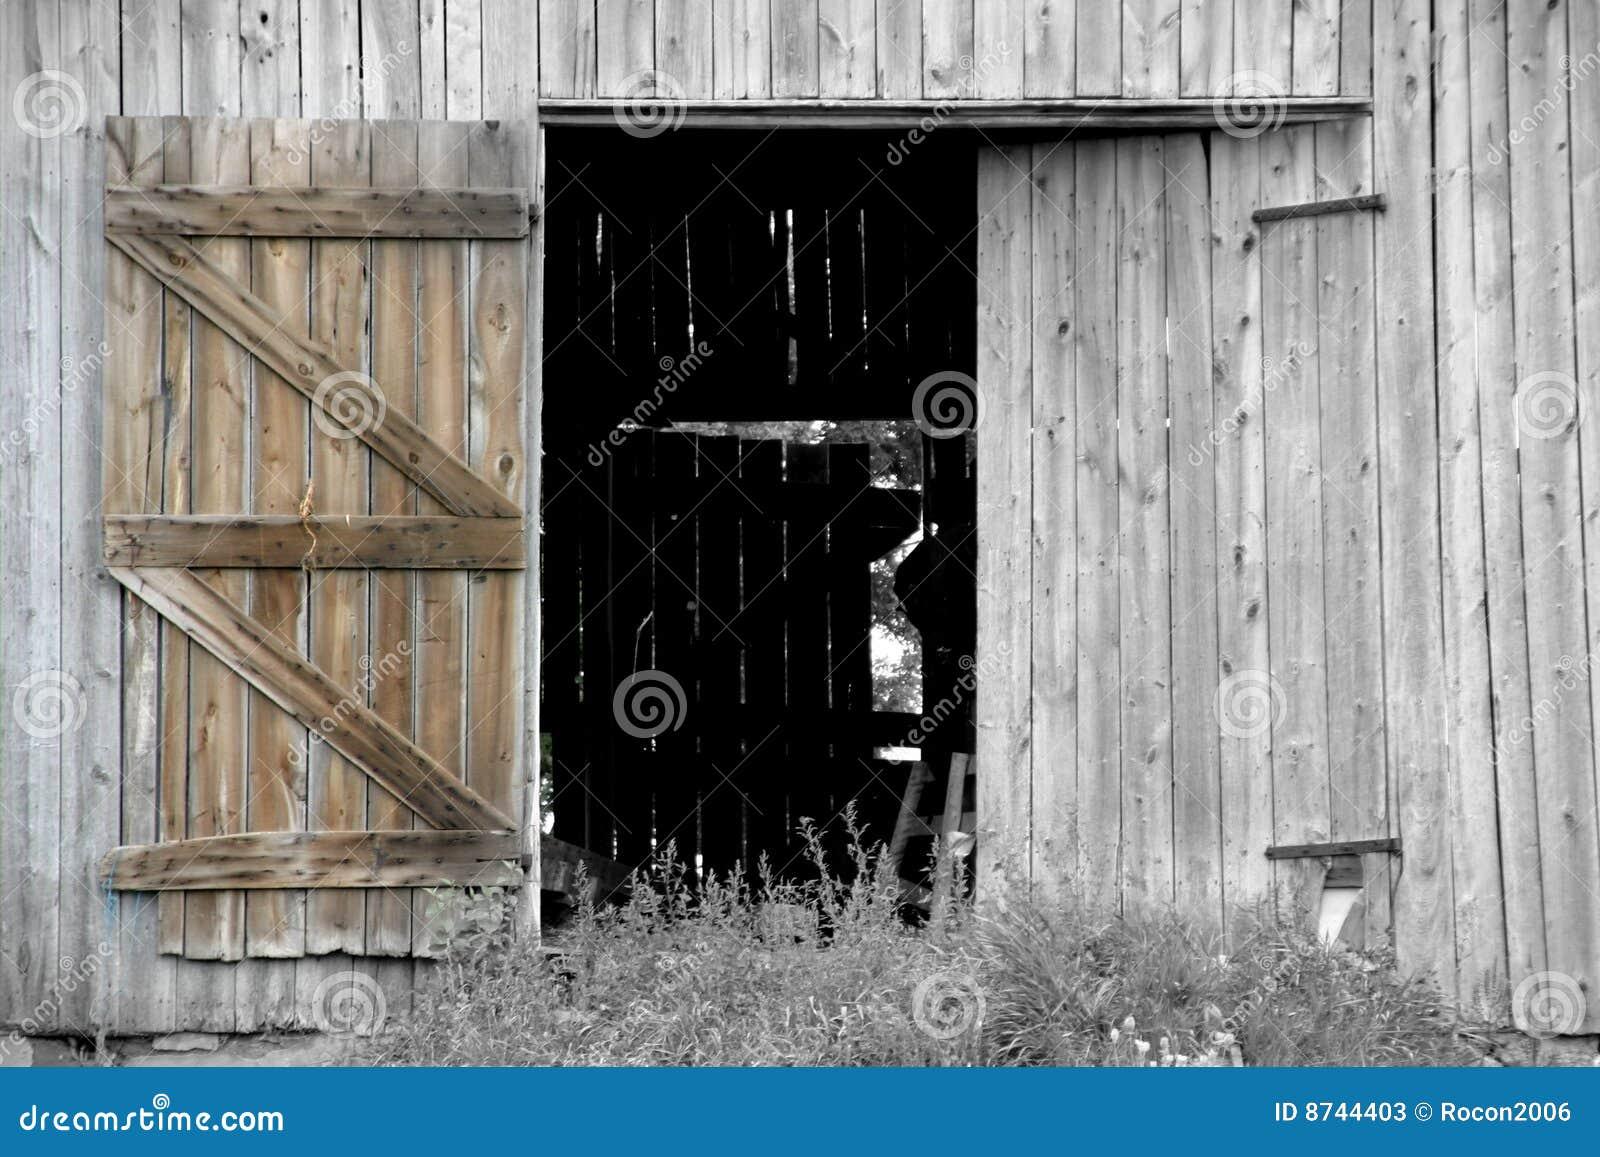 Open Barn Door Stock Photos - Image: 8744403